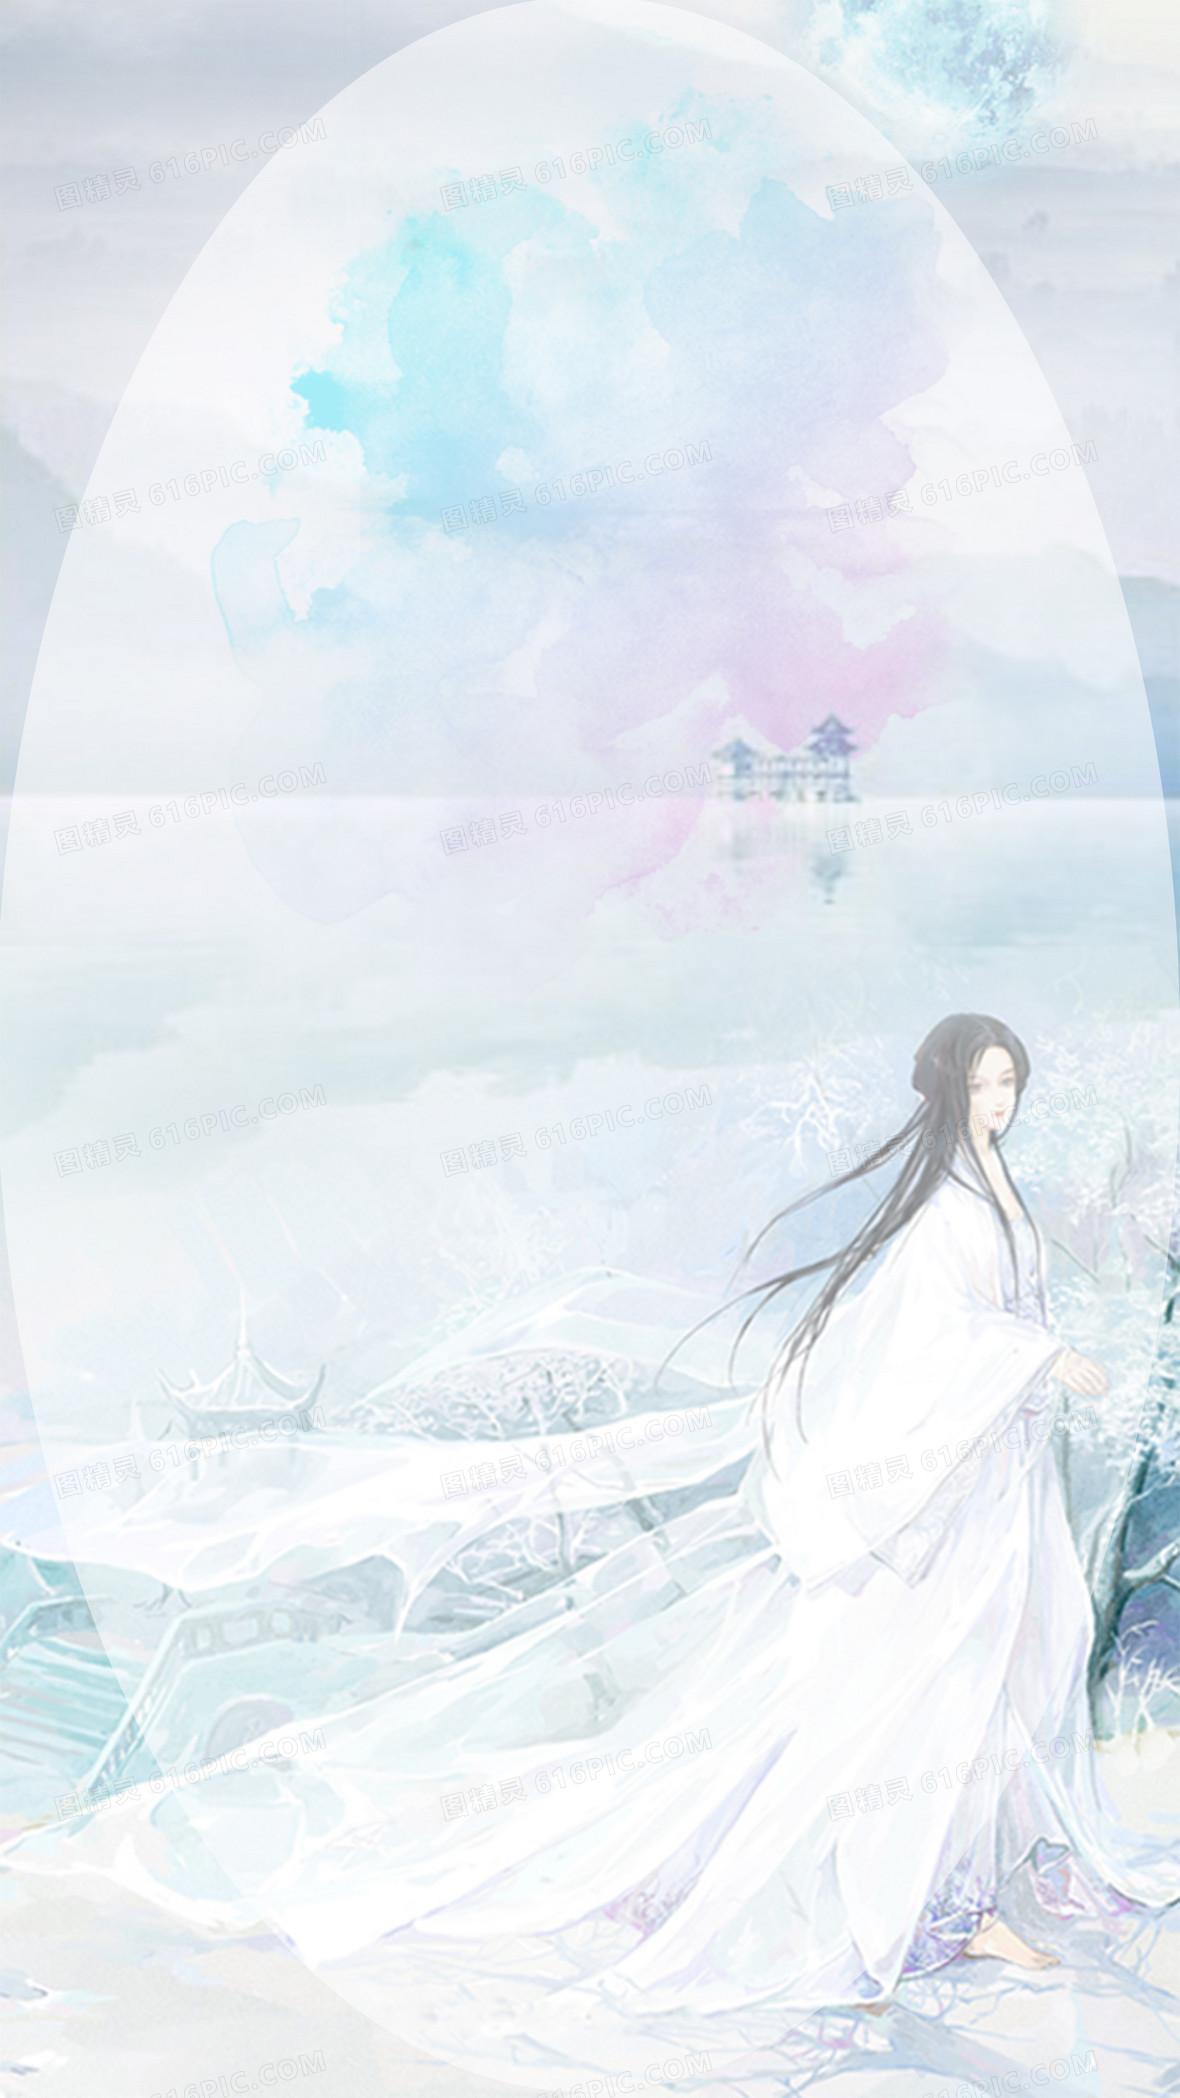 古风仙气人物朦胧梦幻小说封面背景素材